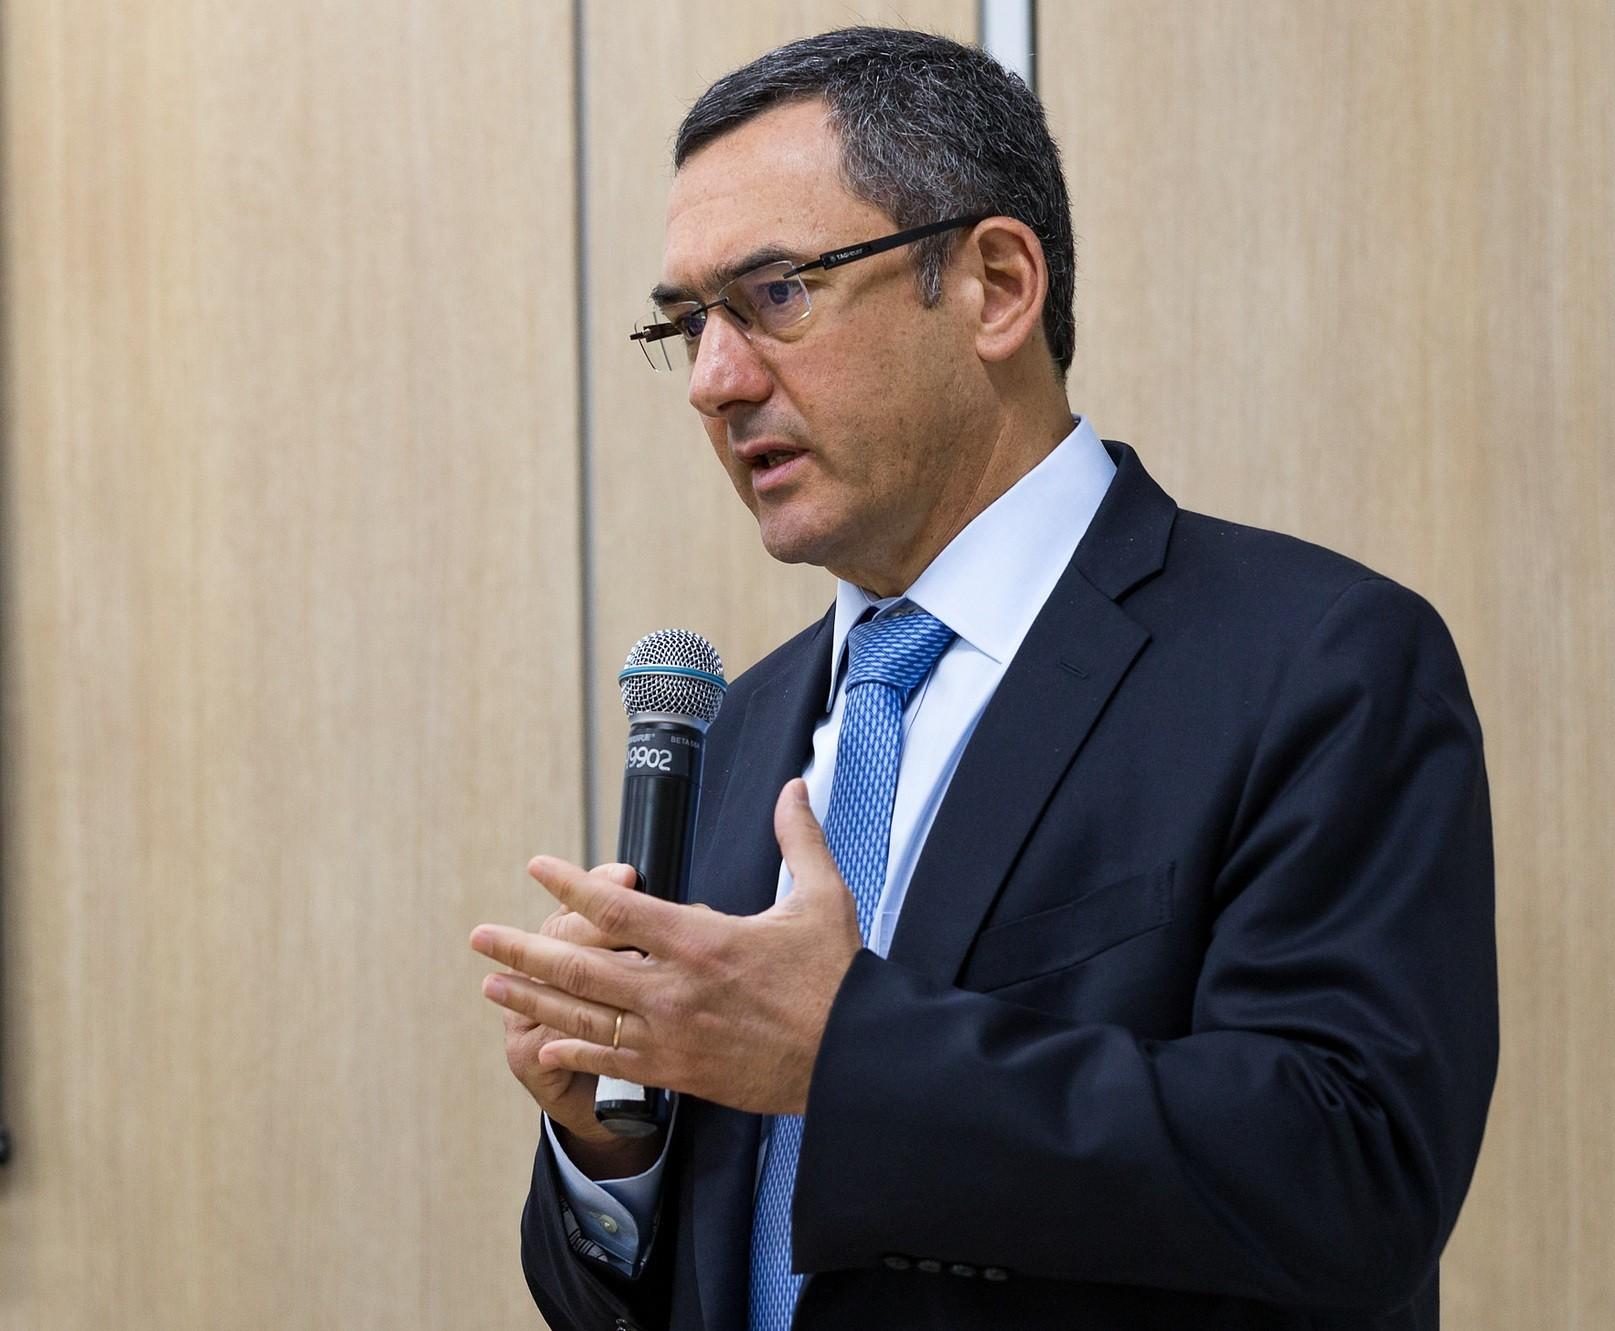 Para destravar megaleilão de petróleo, é preciso de aprovação de lei, diz ministro da Fazenda - Noticias